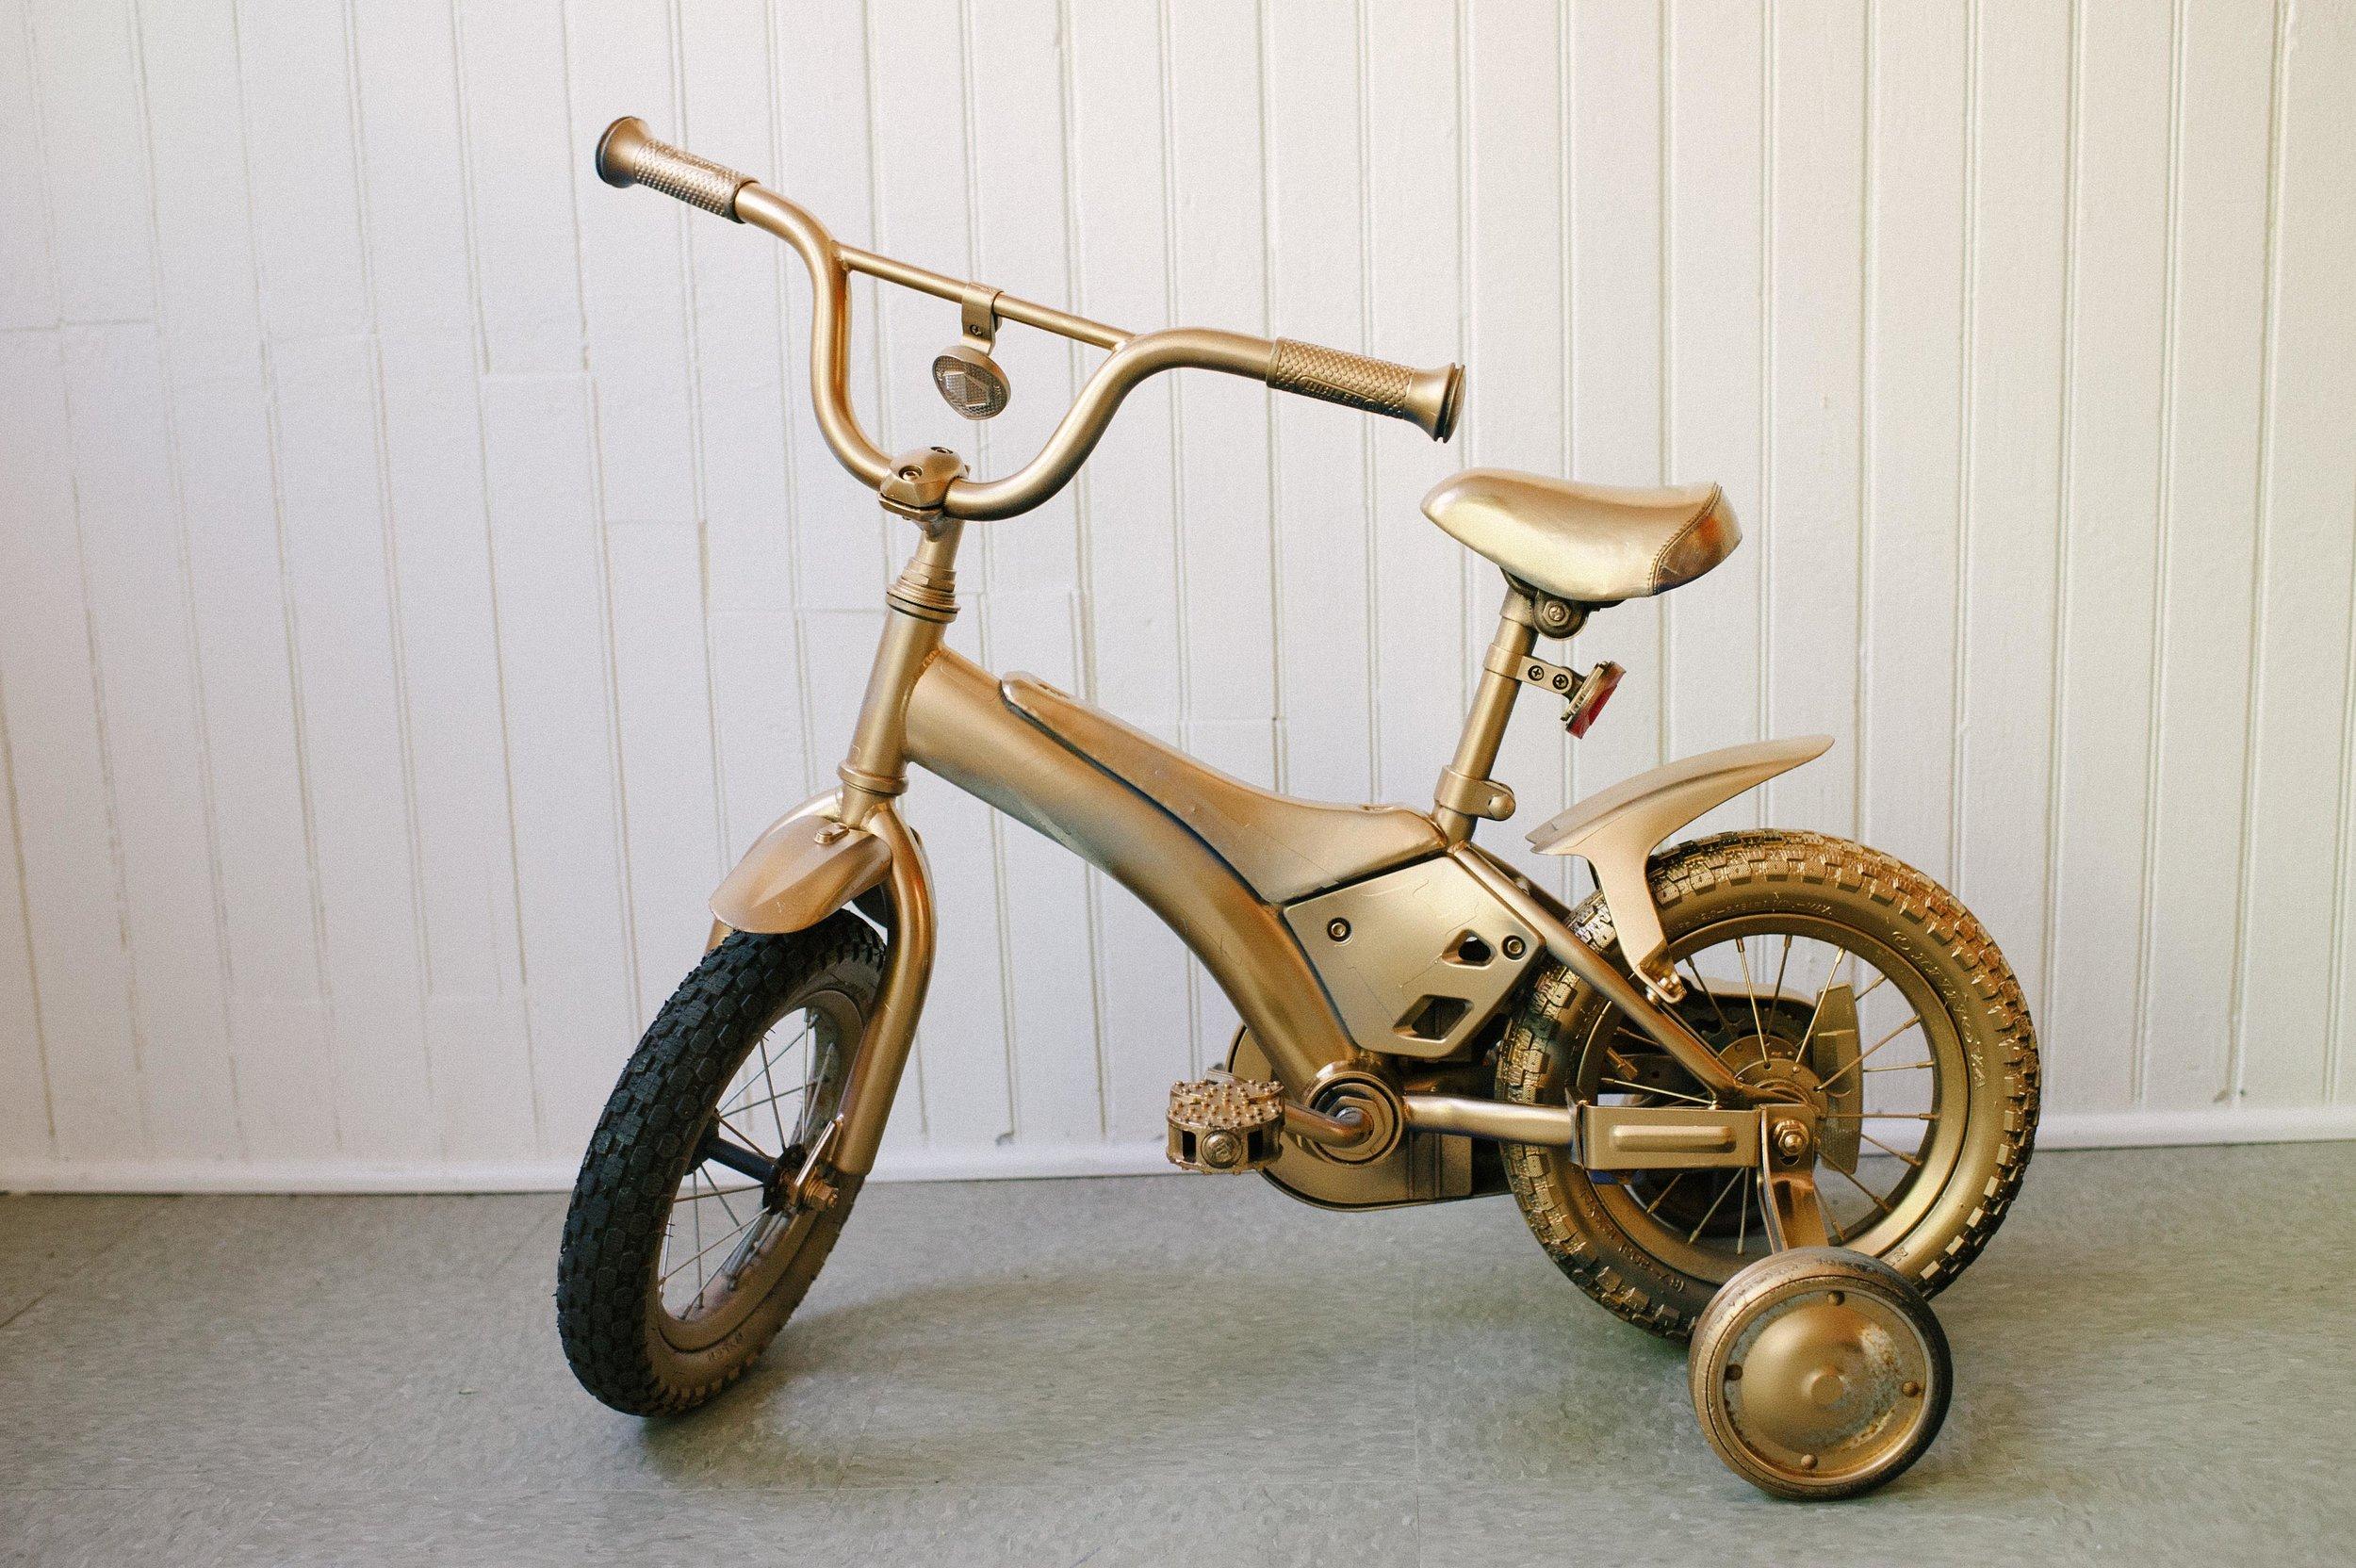 art_bike-11.jpg